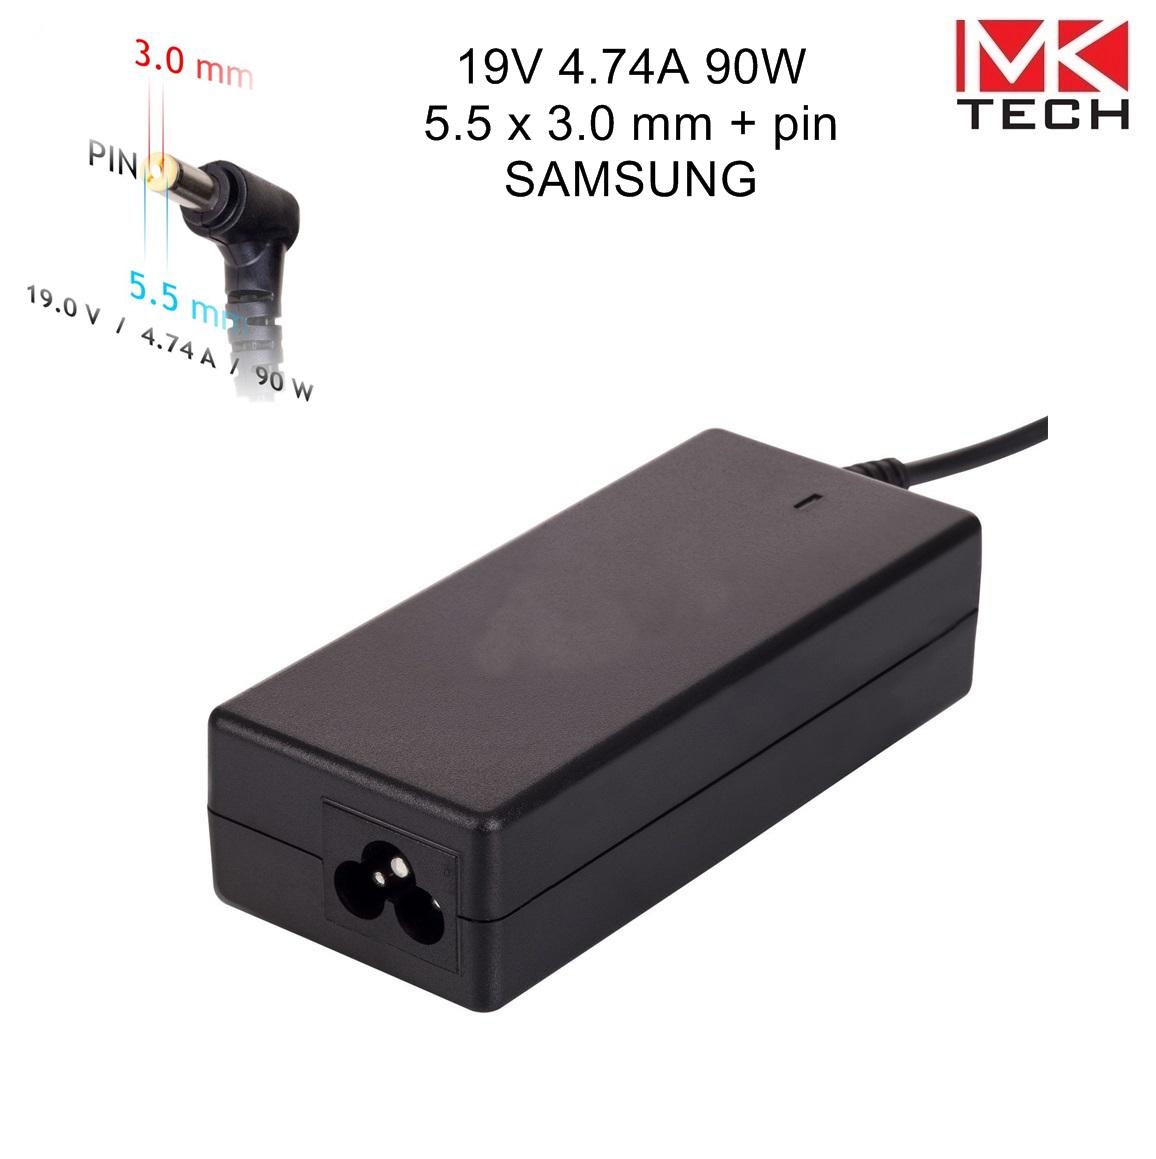 Зарядно 5.5x3.0mm/ 4.74A/ 19V SAMSUNG